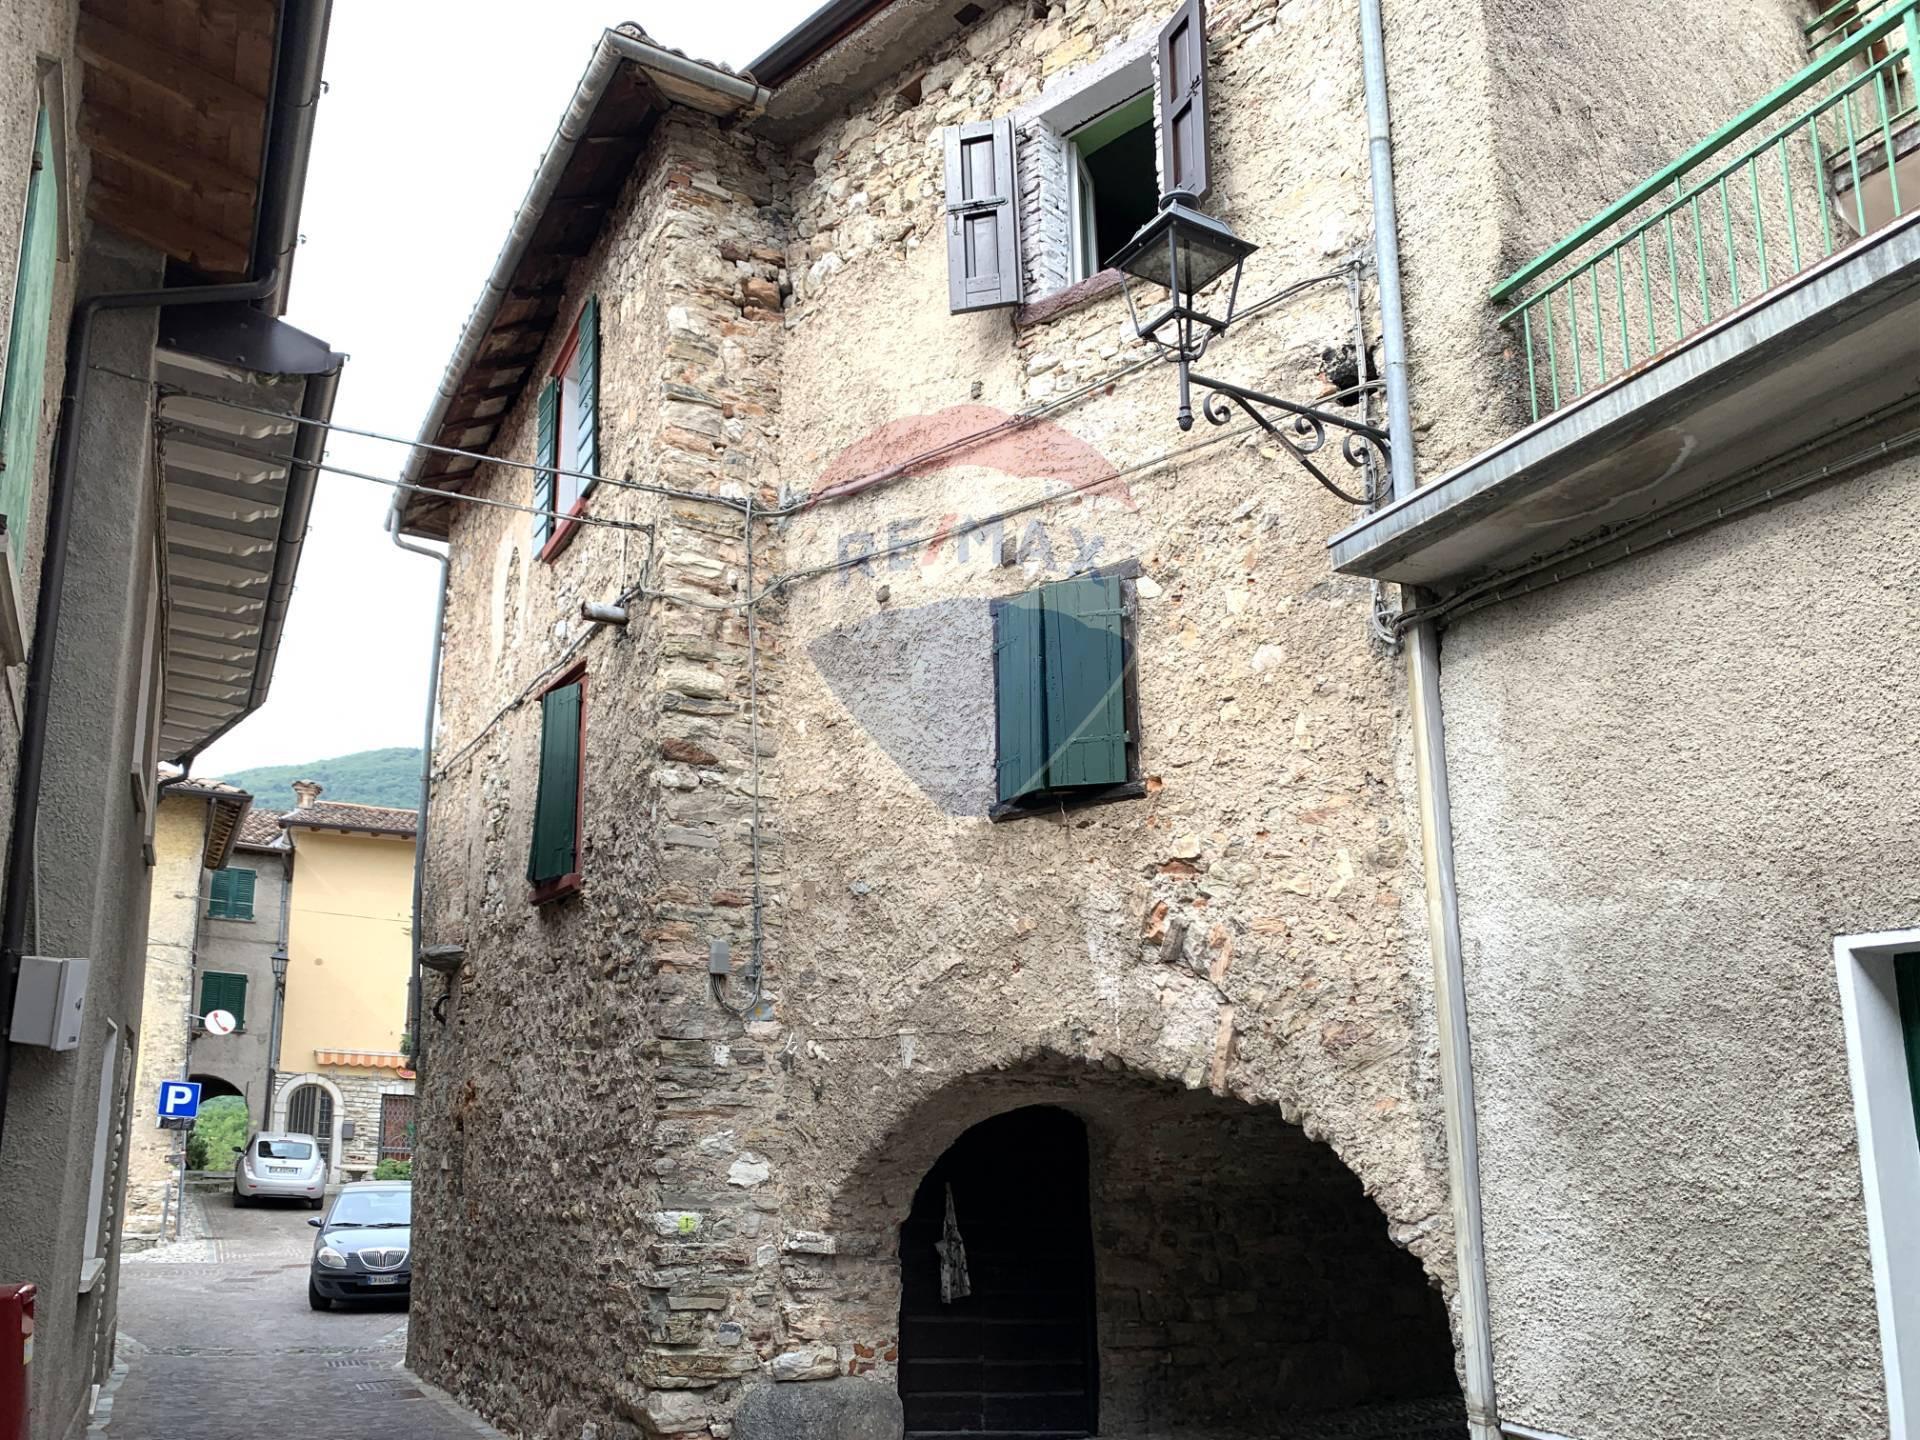 Rustico / Casale in vendita a Tignale, 8 locali, prezzo € 69.000   PortaleAgenzieImmobiliari.it